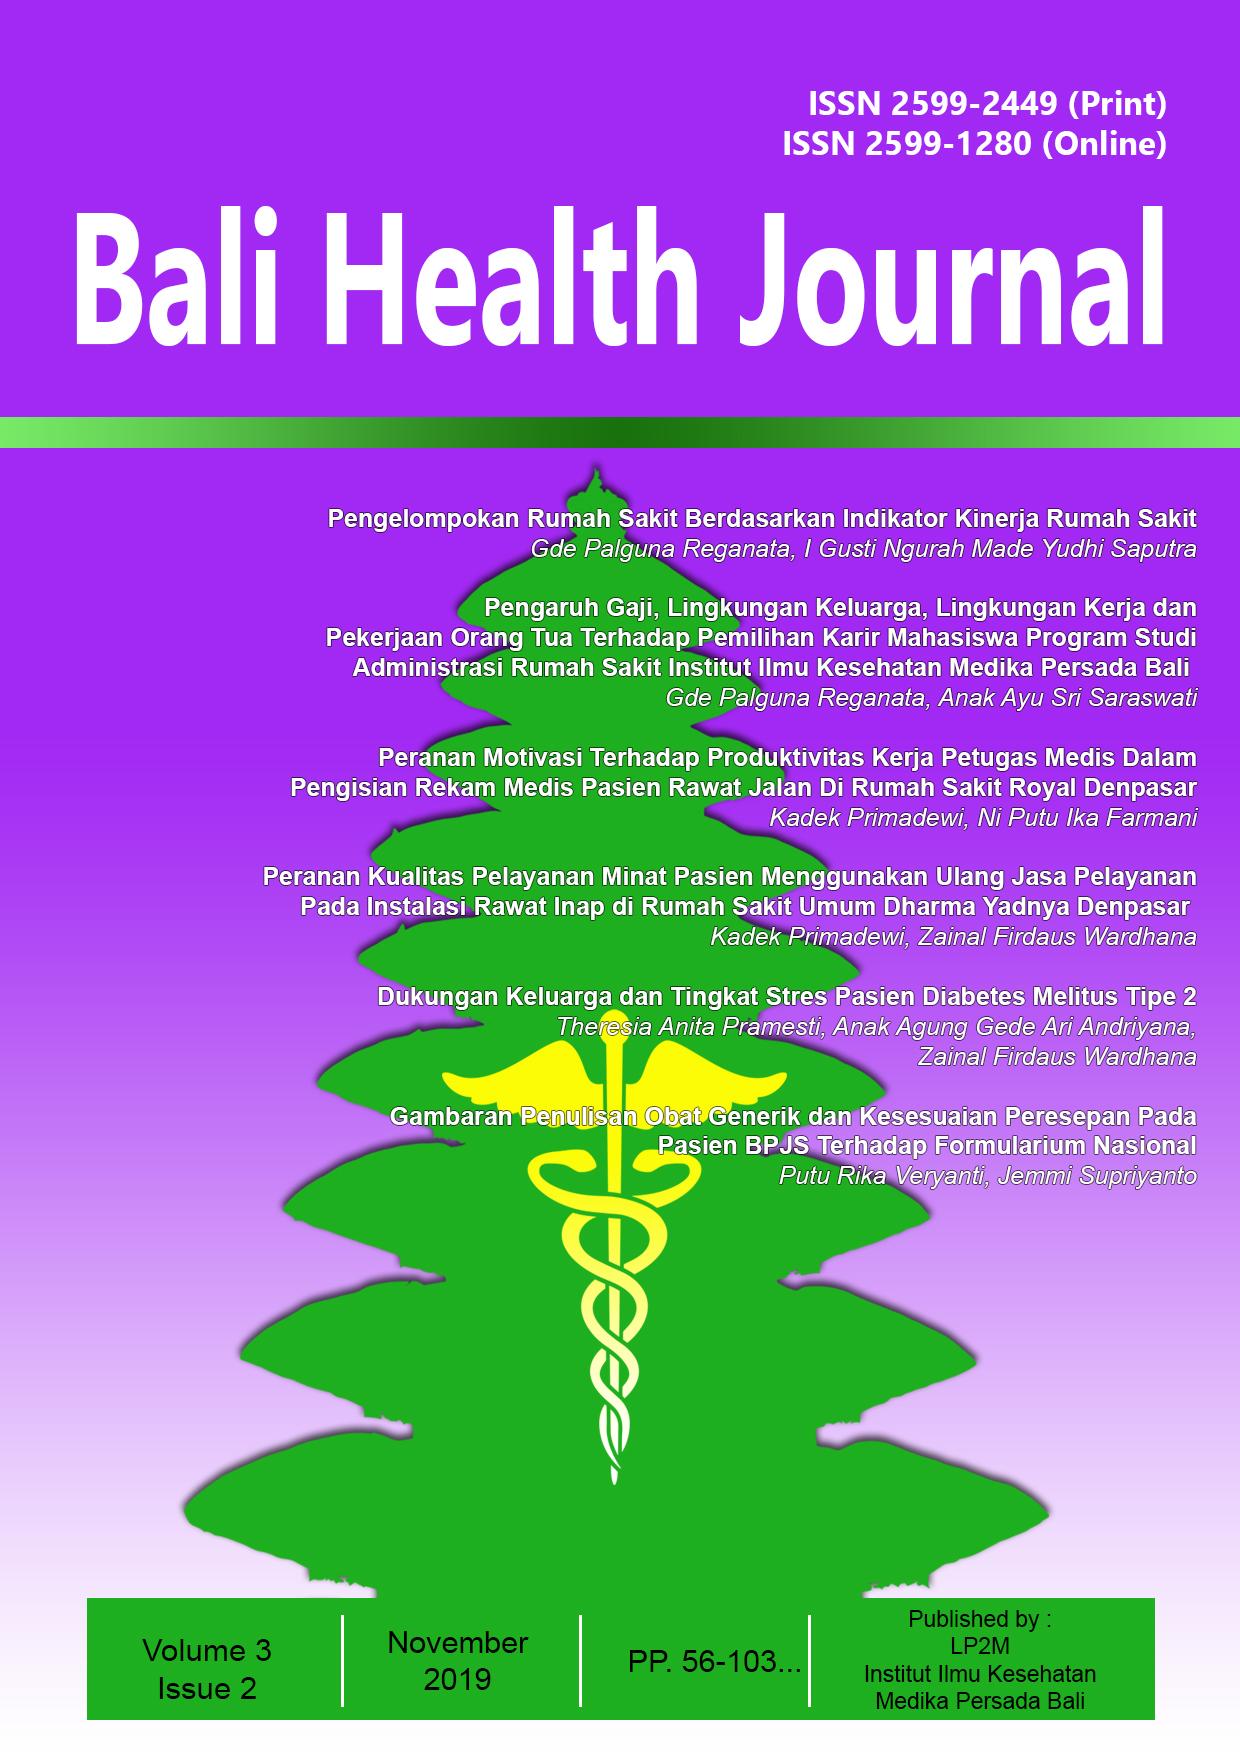 Bali Health Journal Volume 3 Issue 2